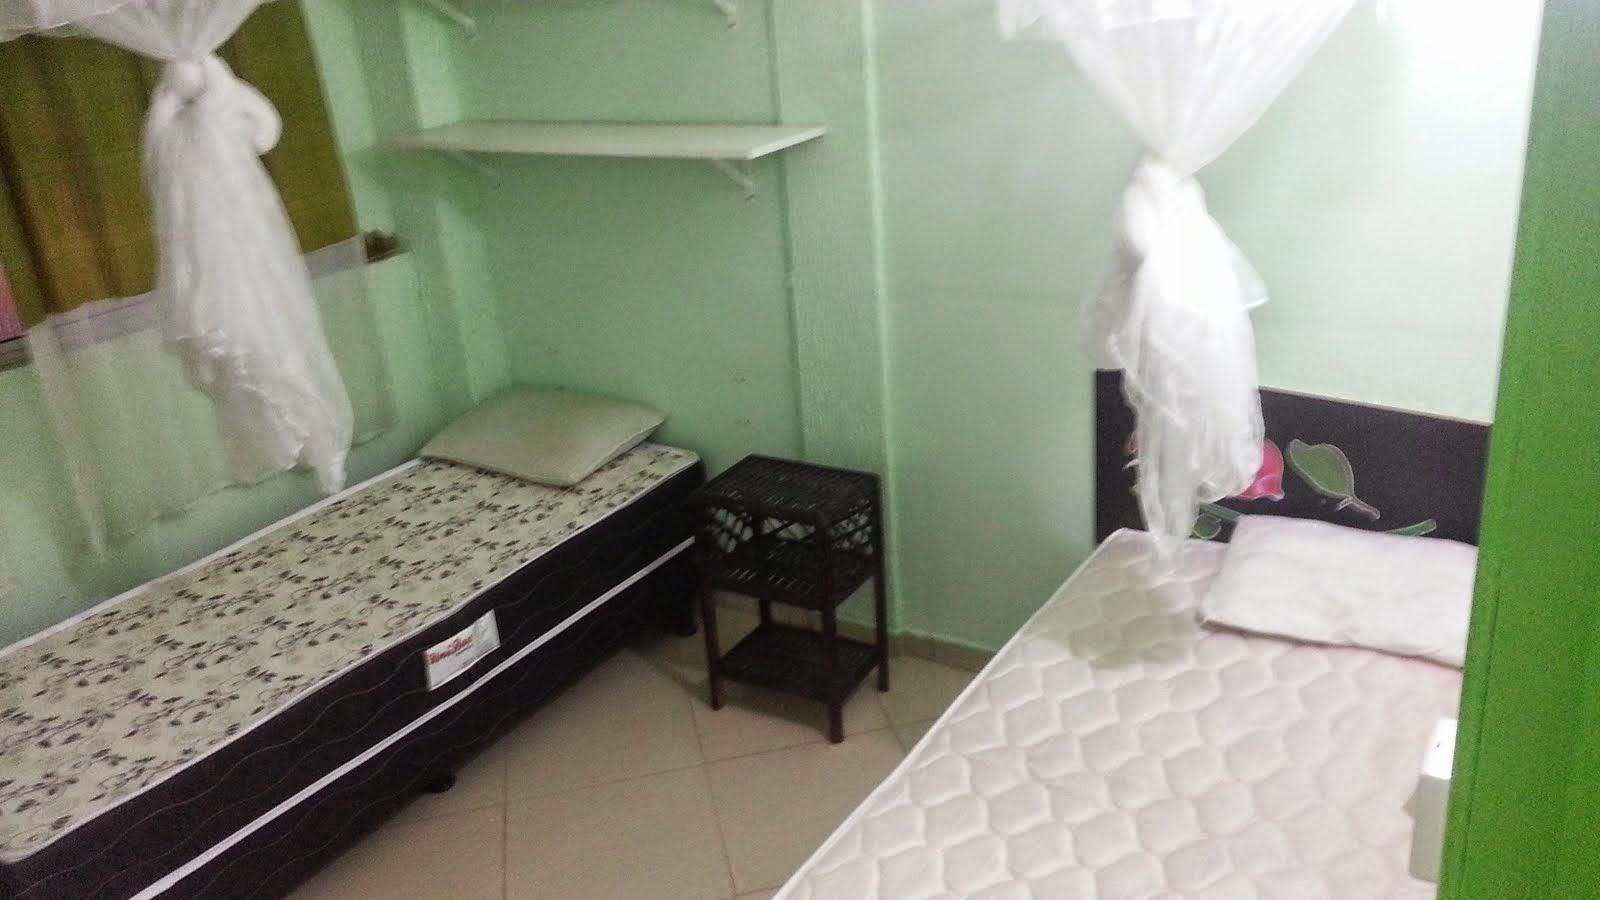 Quarto dos camas de solteiro e o casal